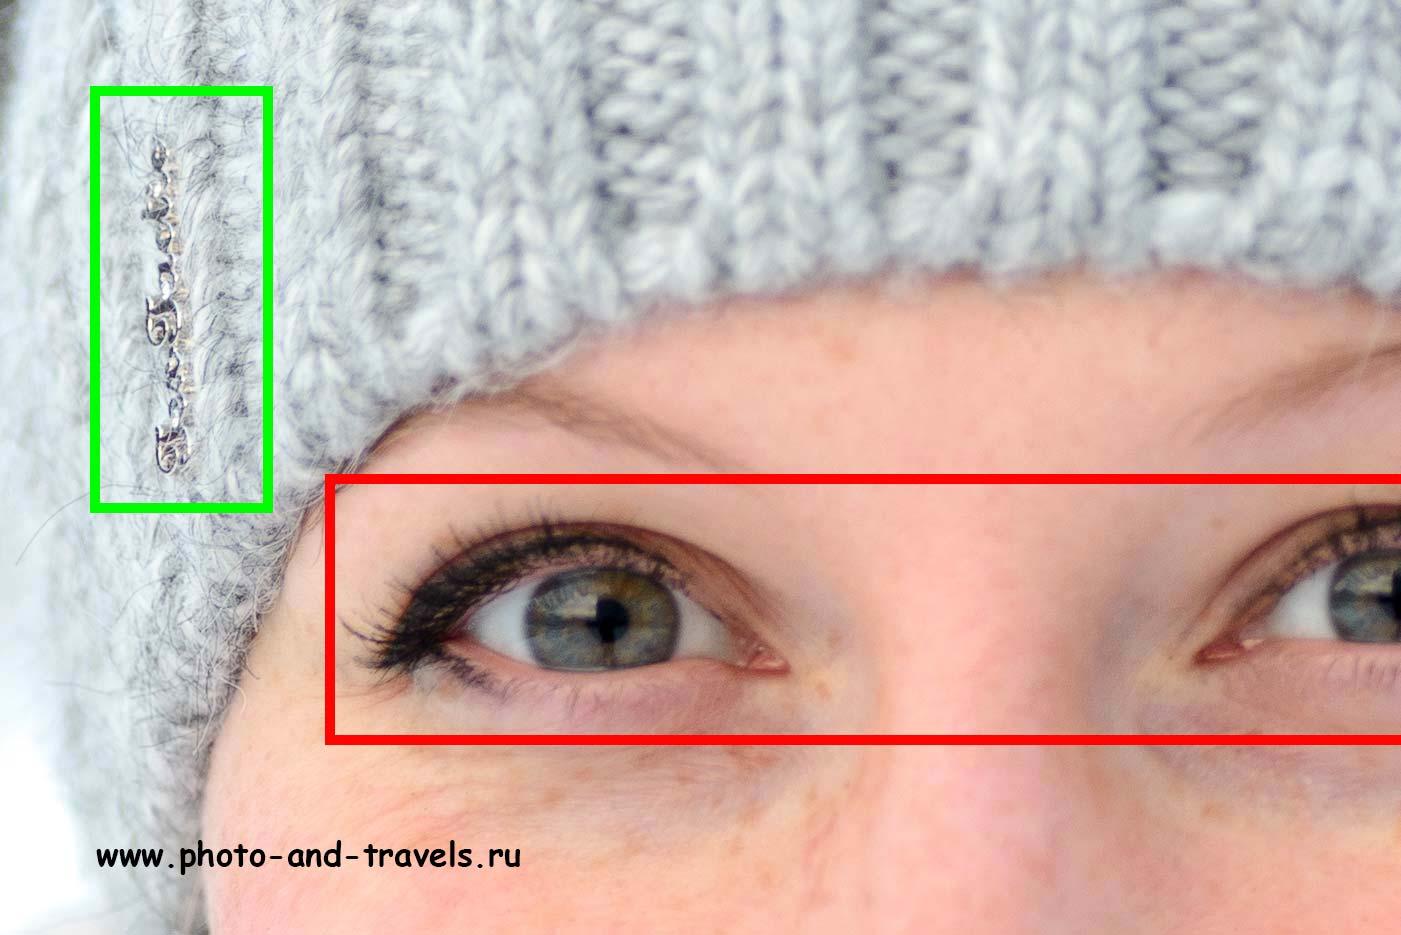 11. Наличие бэк-фокуса у Тамрон 90/2,8. Использование макрообъектива для портретной съемки.